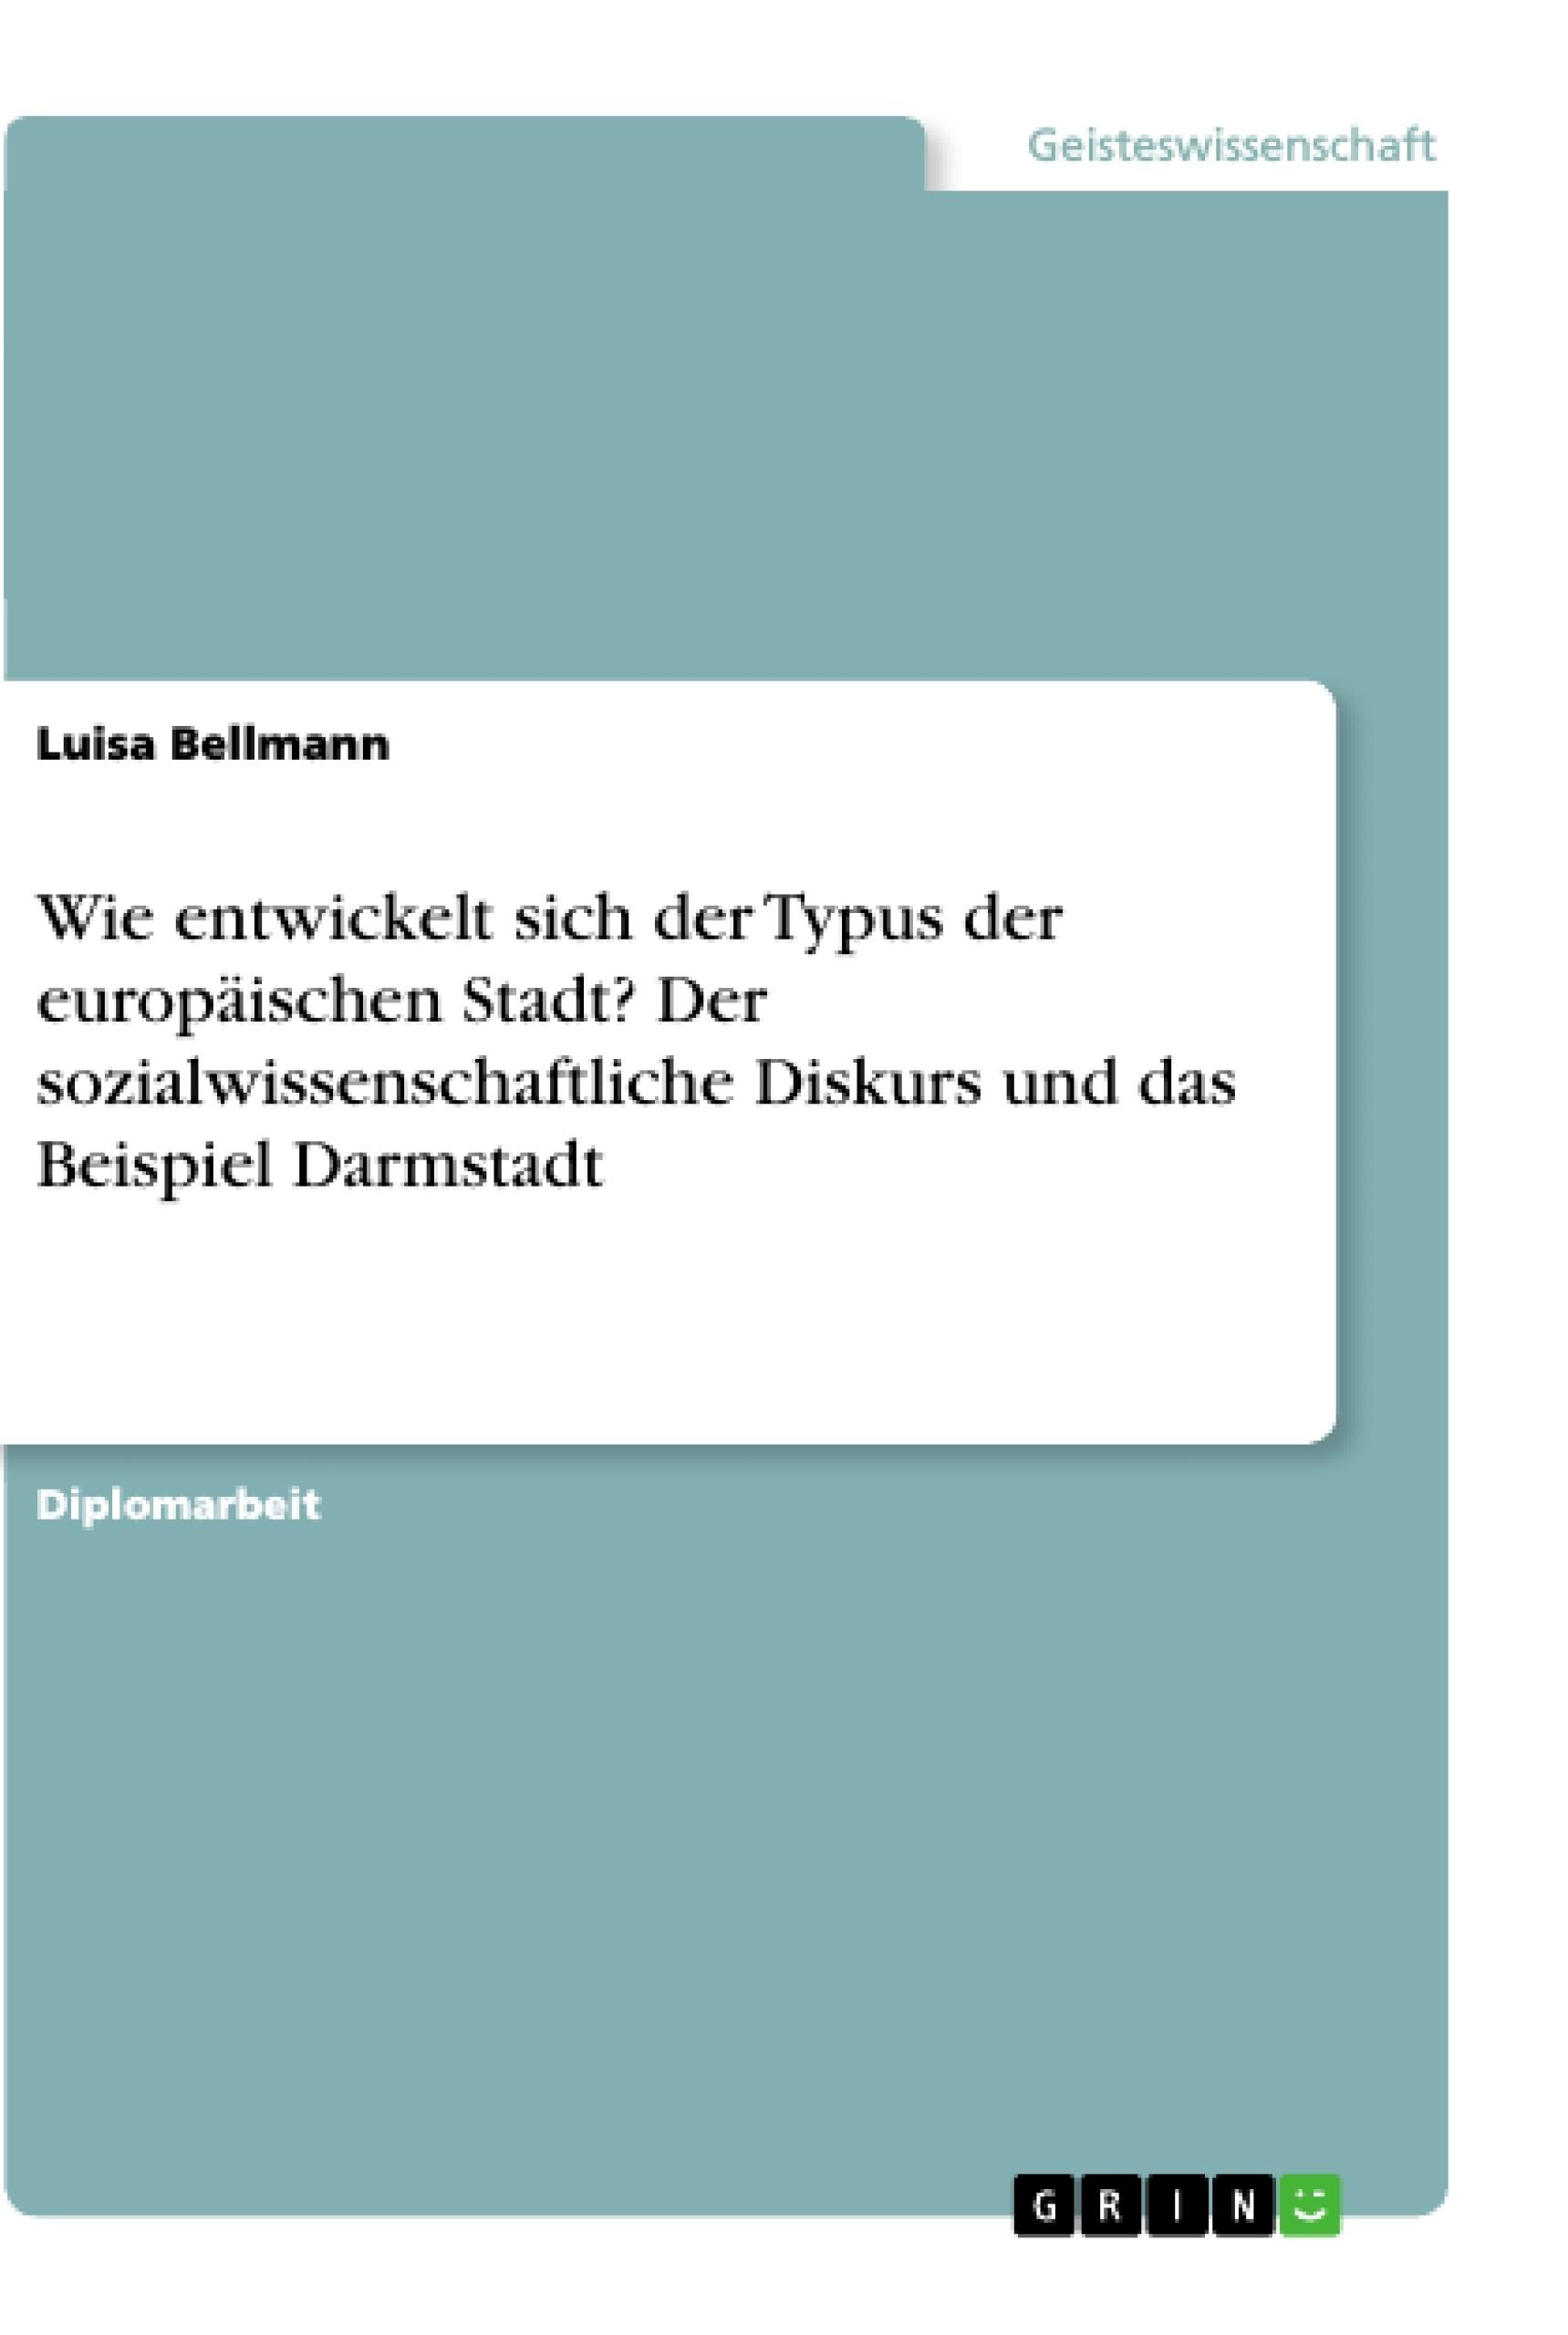 Titel: Wie entwickelt sich der Typus der europäischen Stadt? Der sozialwissenschaftliche Diskurs und das Beispiel Darmstadt